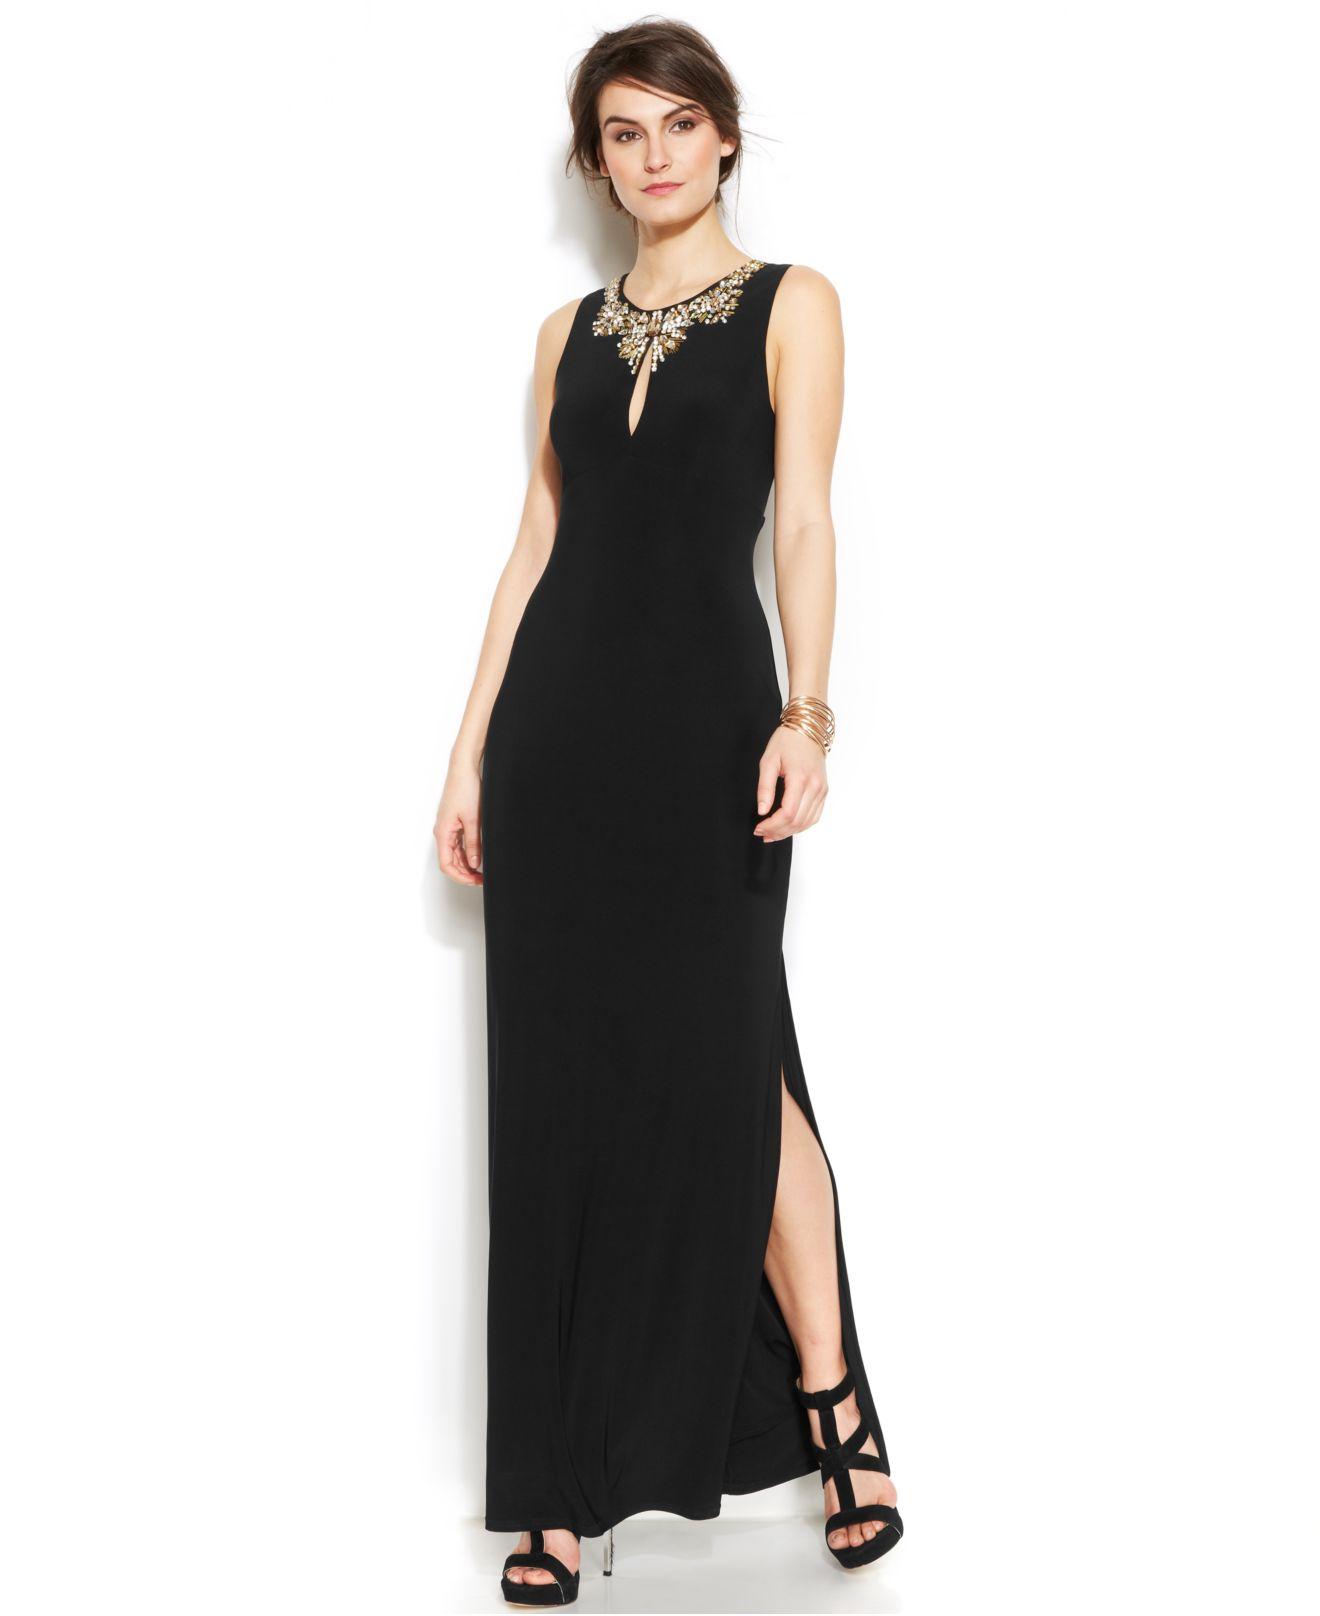 Lyst - Vince Camuto Embellished Keyhole Side-Slit Gown in Black